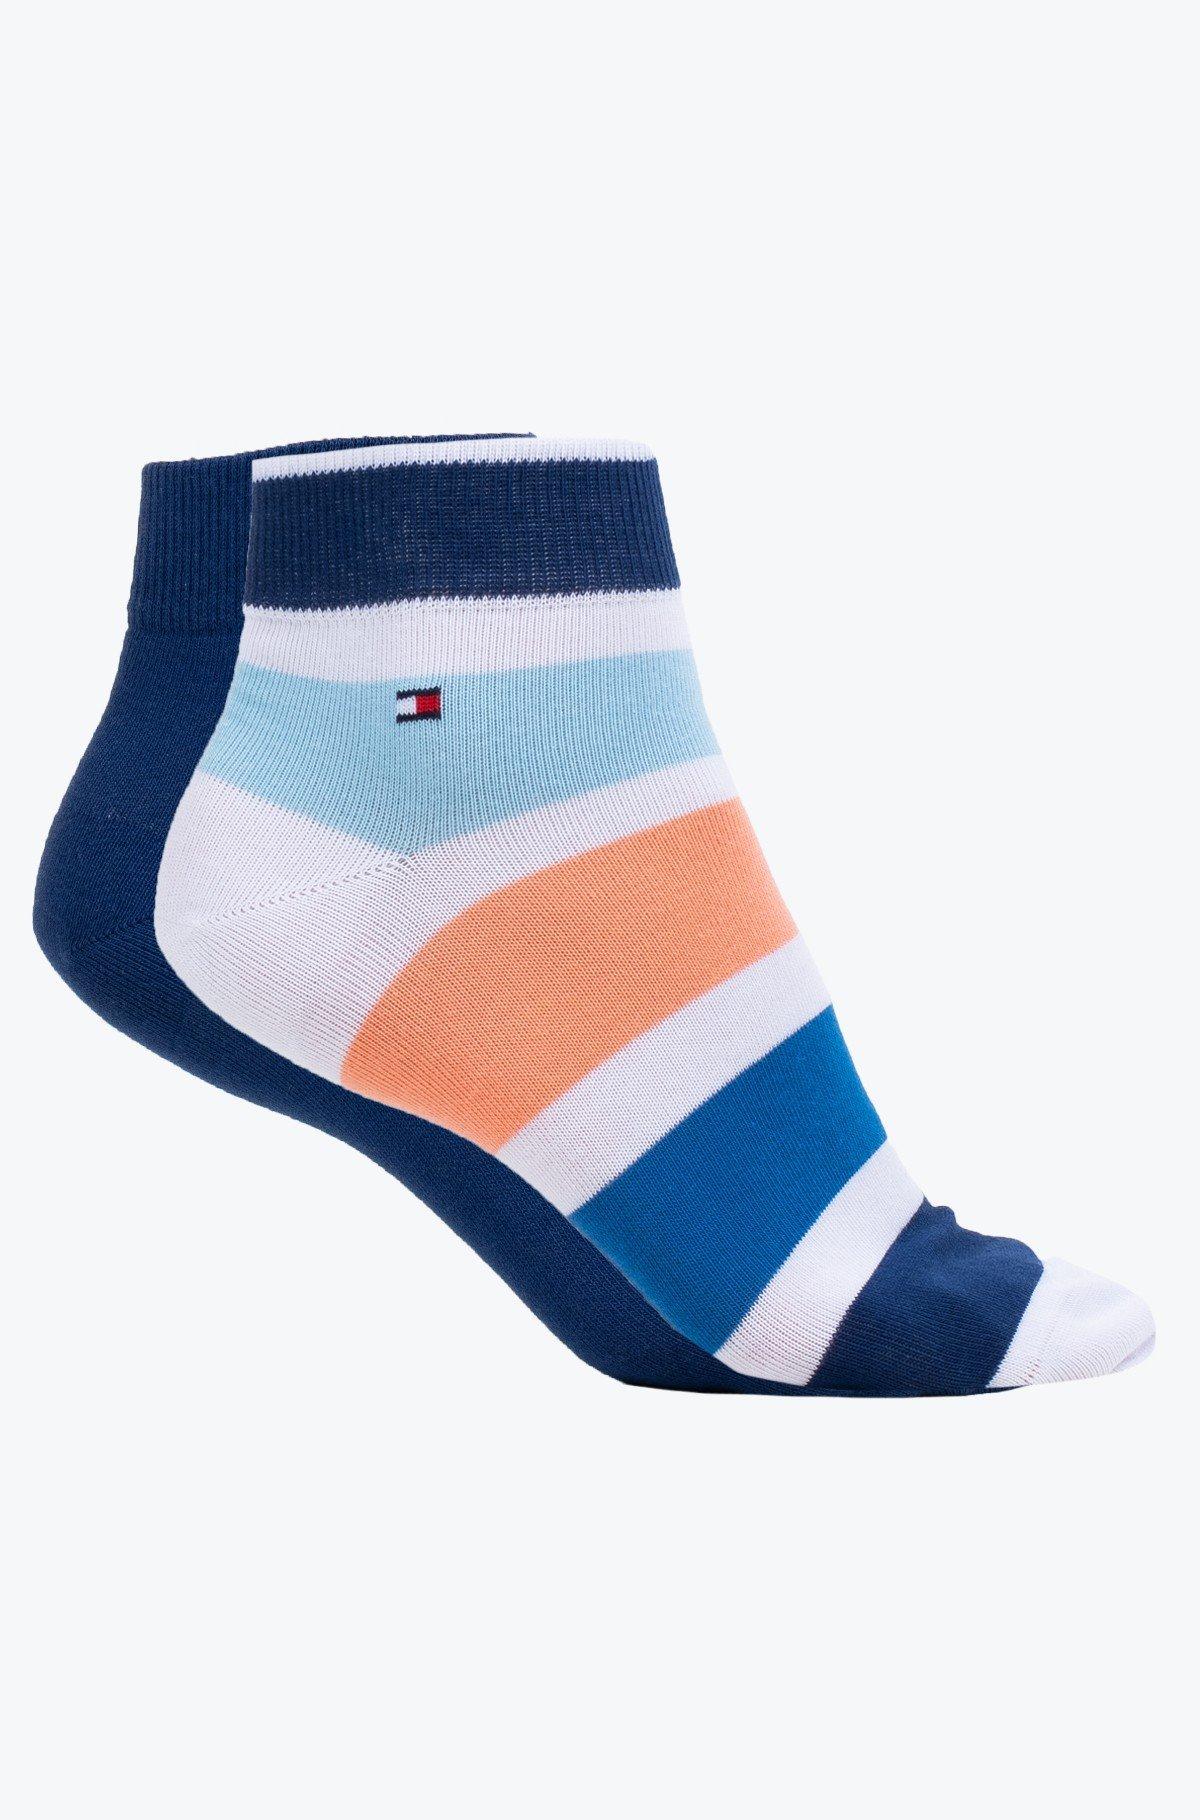 Socks 320227001-full-1